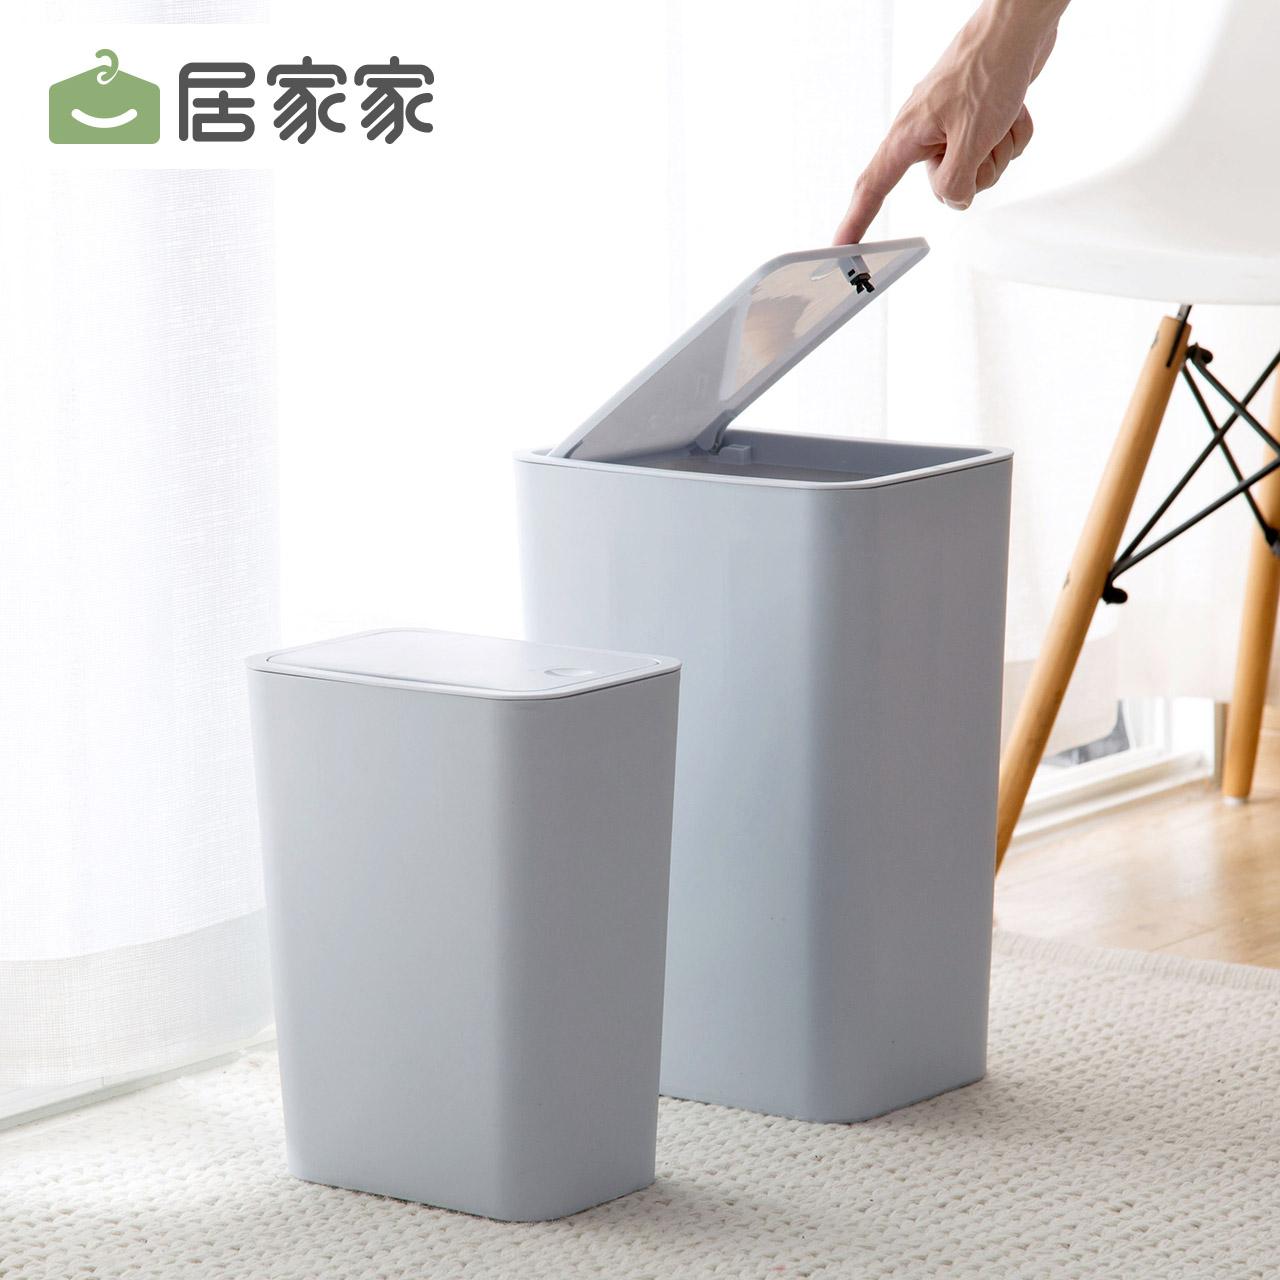 居家家按压弹盖垃圾桶家用夹缝窄纸篓 客厅卧室卫生间带盖垃圾桶